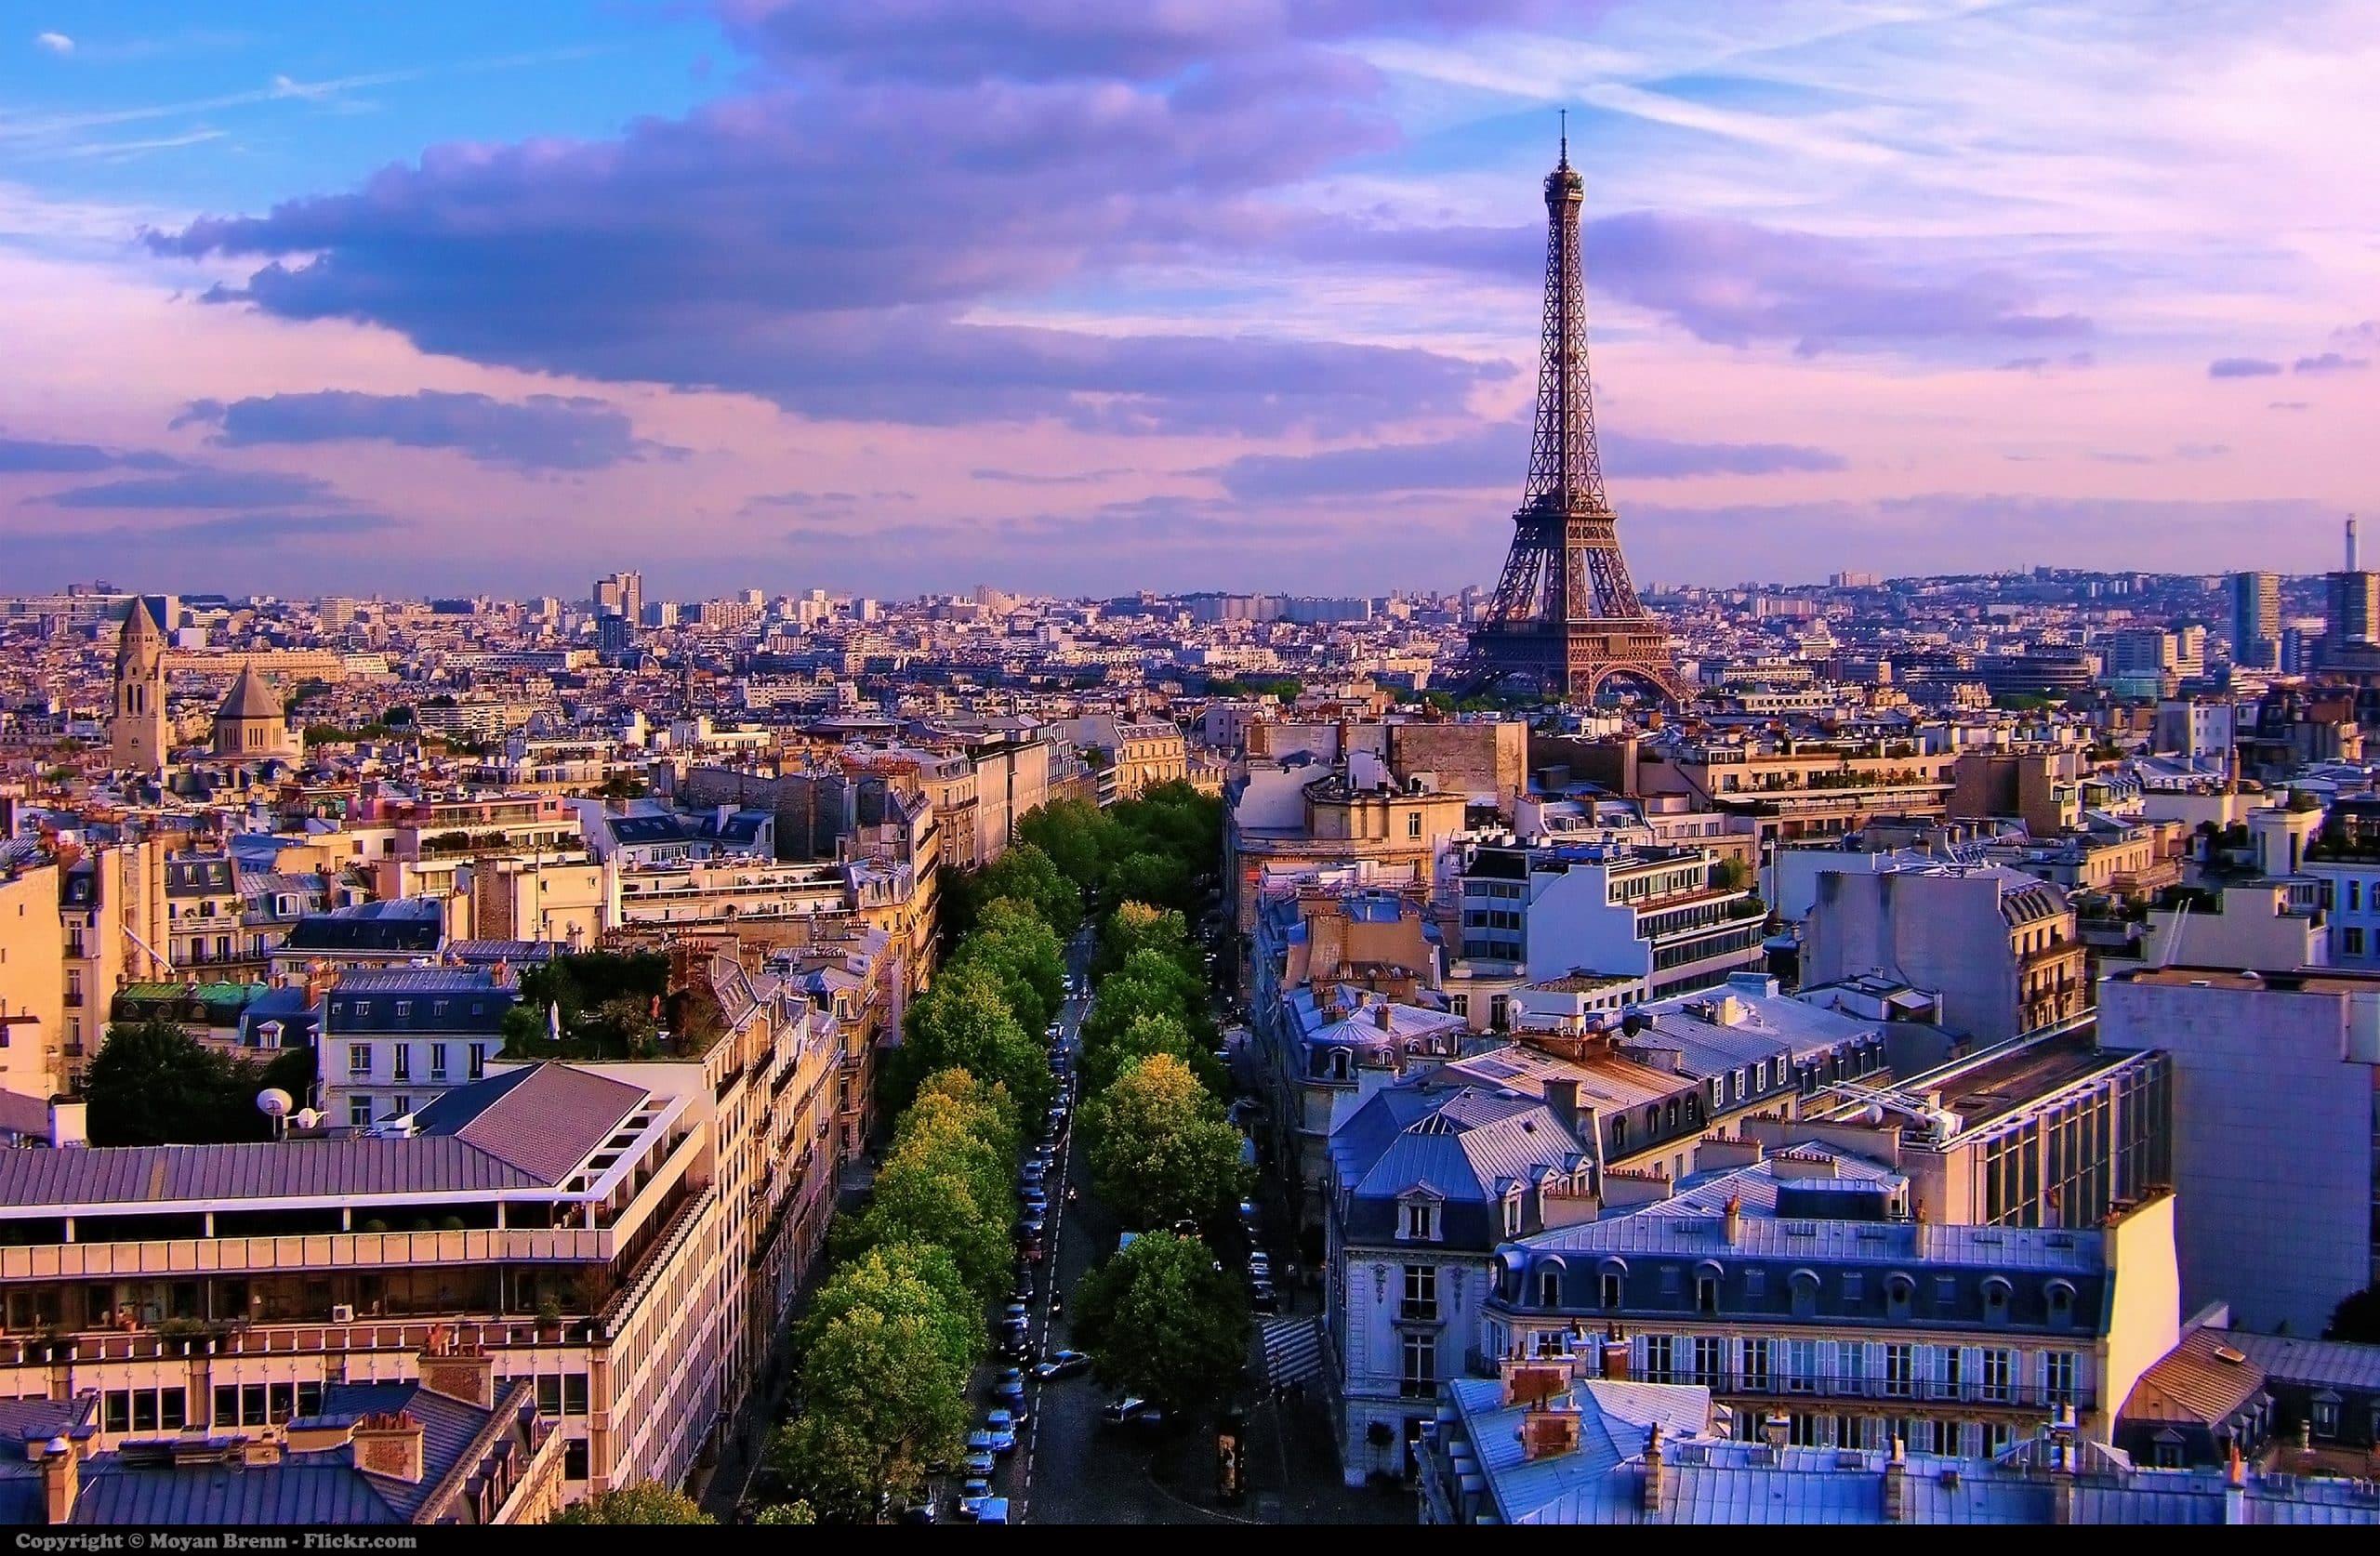 Nos conseils pour trouver des locaux commerciaux paris - Achat immobilier amsterdam ...